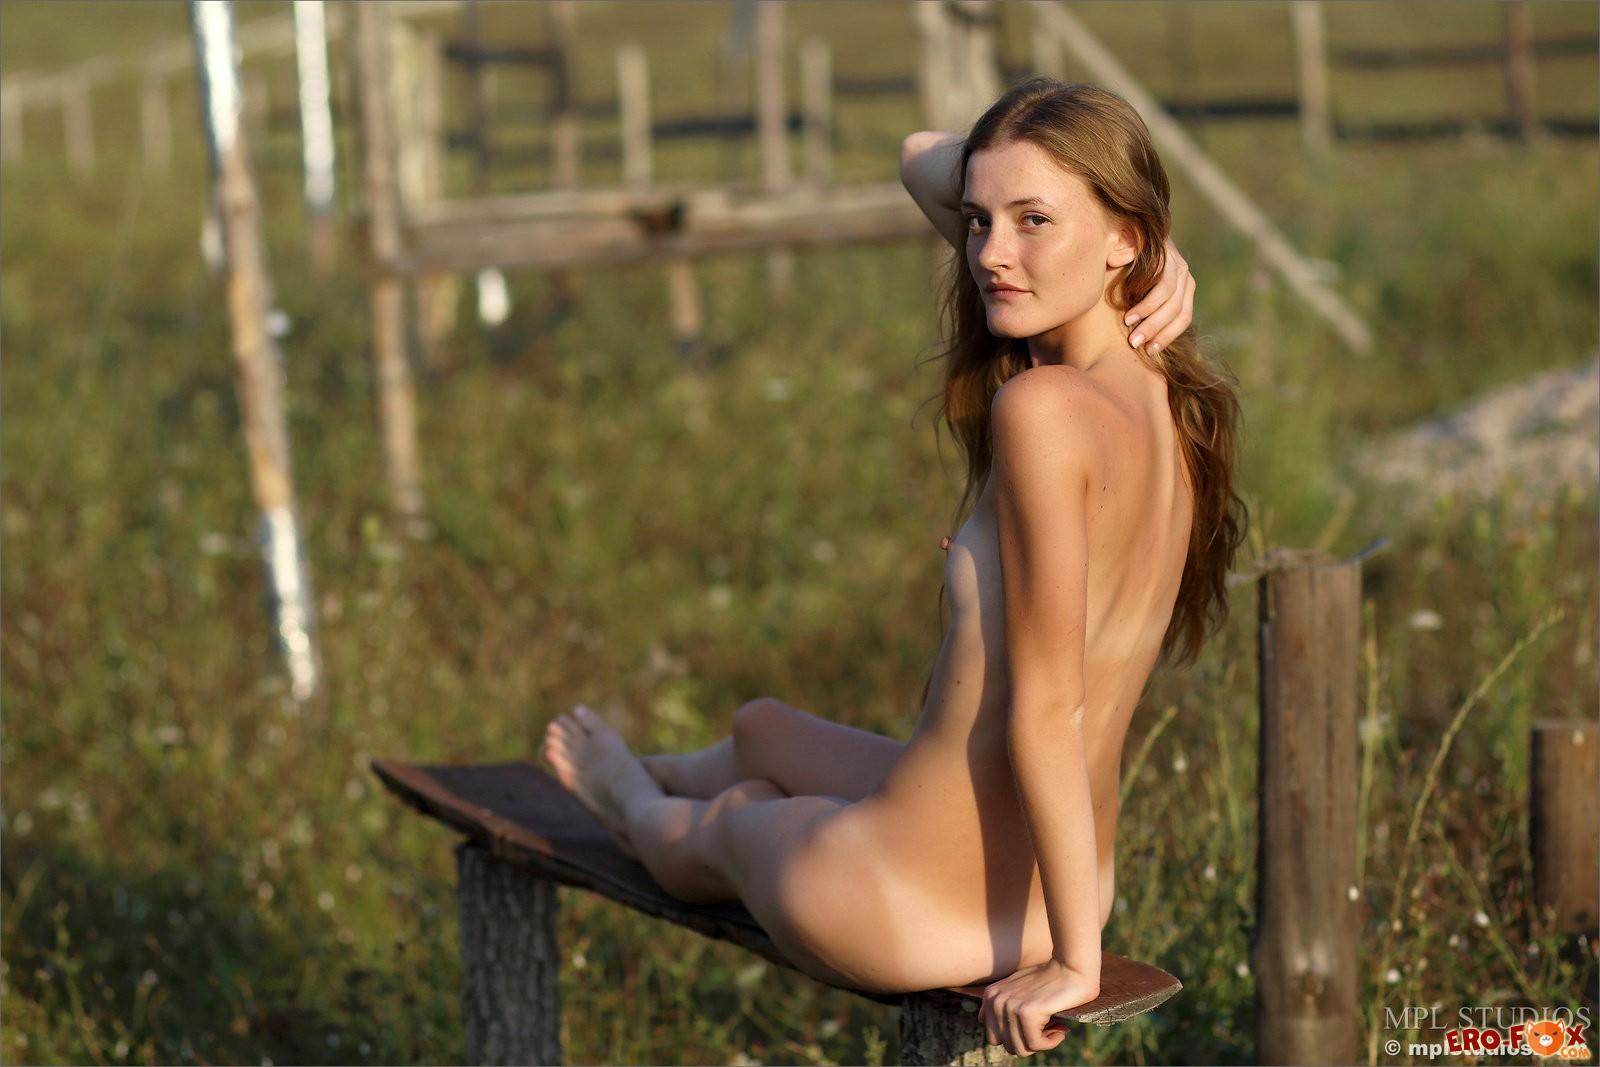 Эротика с худыми девушками фото, Худые: порно фото на Возбуждает! 3 фотография